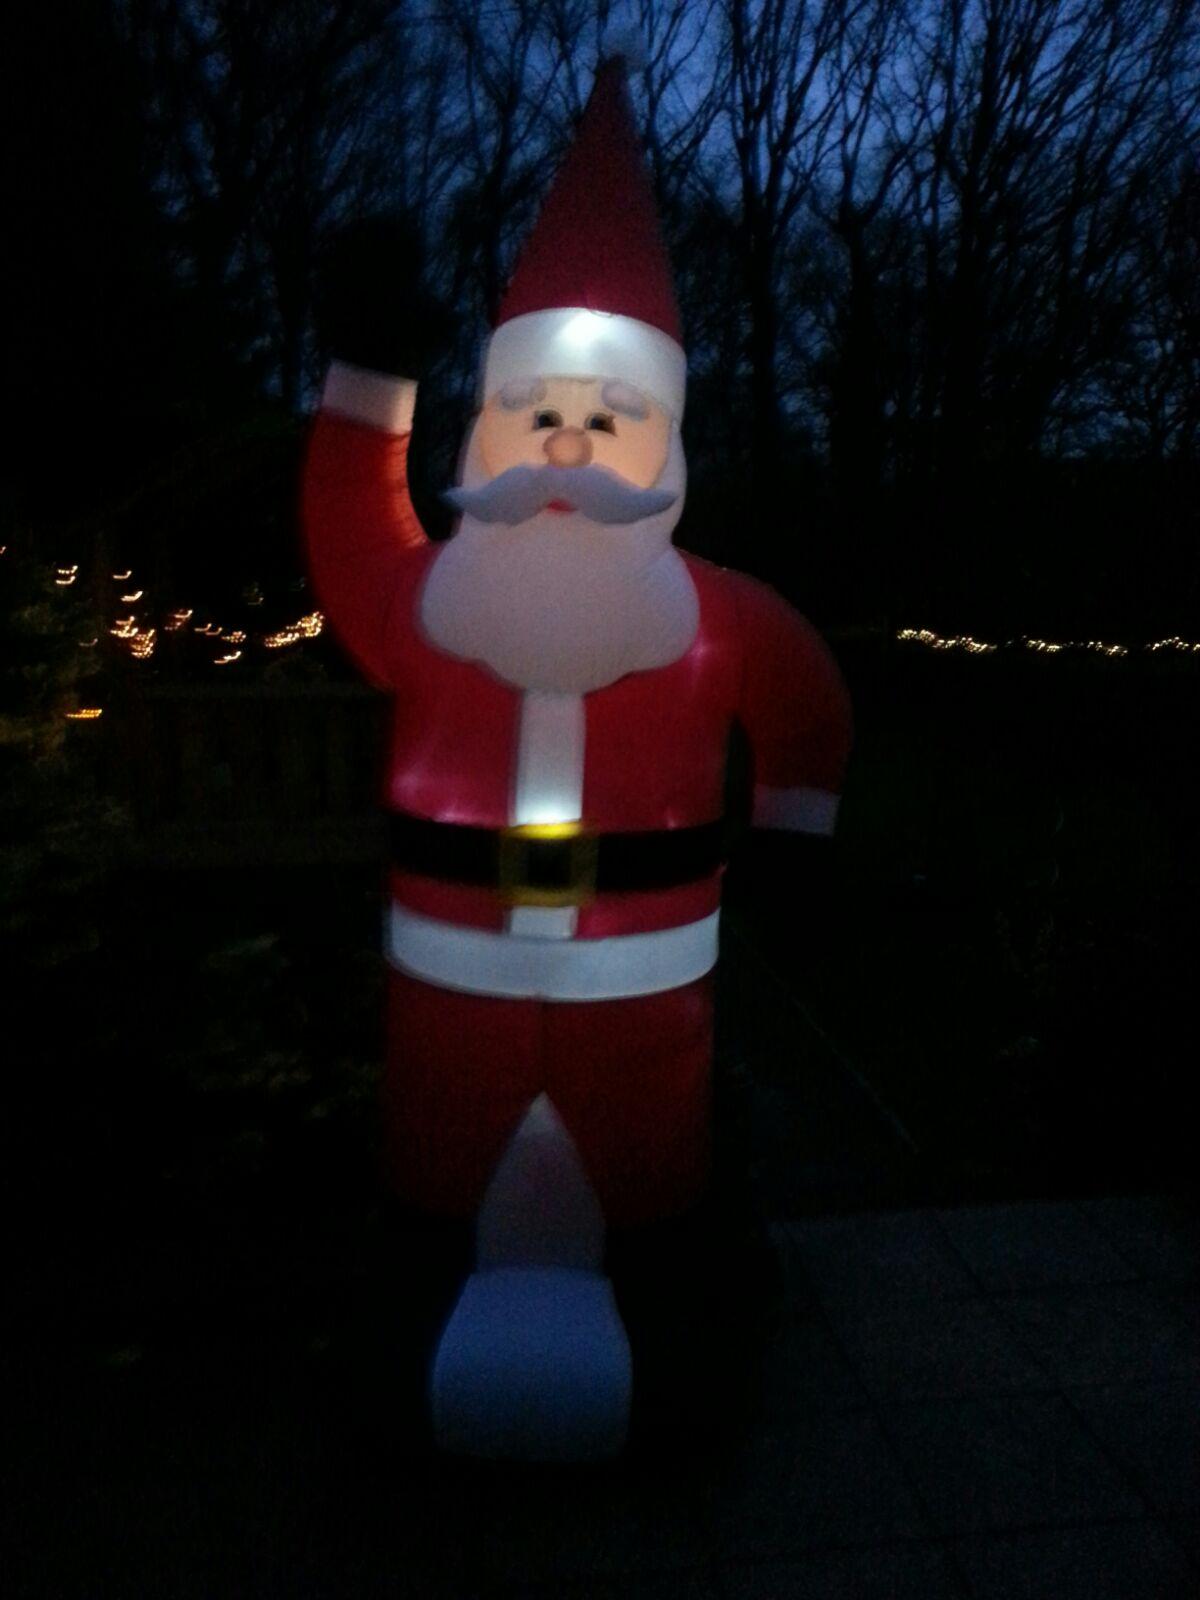 Der Nikolaus war da und hatte Geschenke dabei